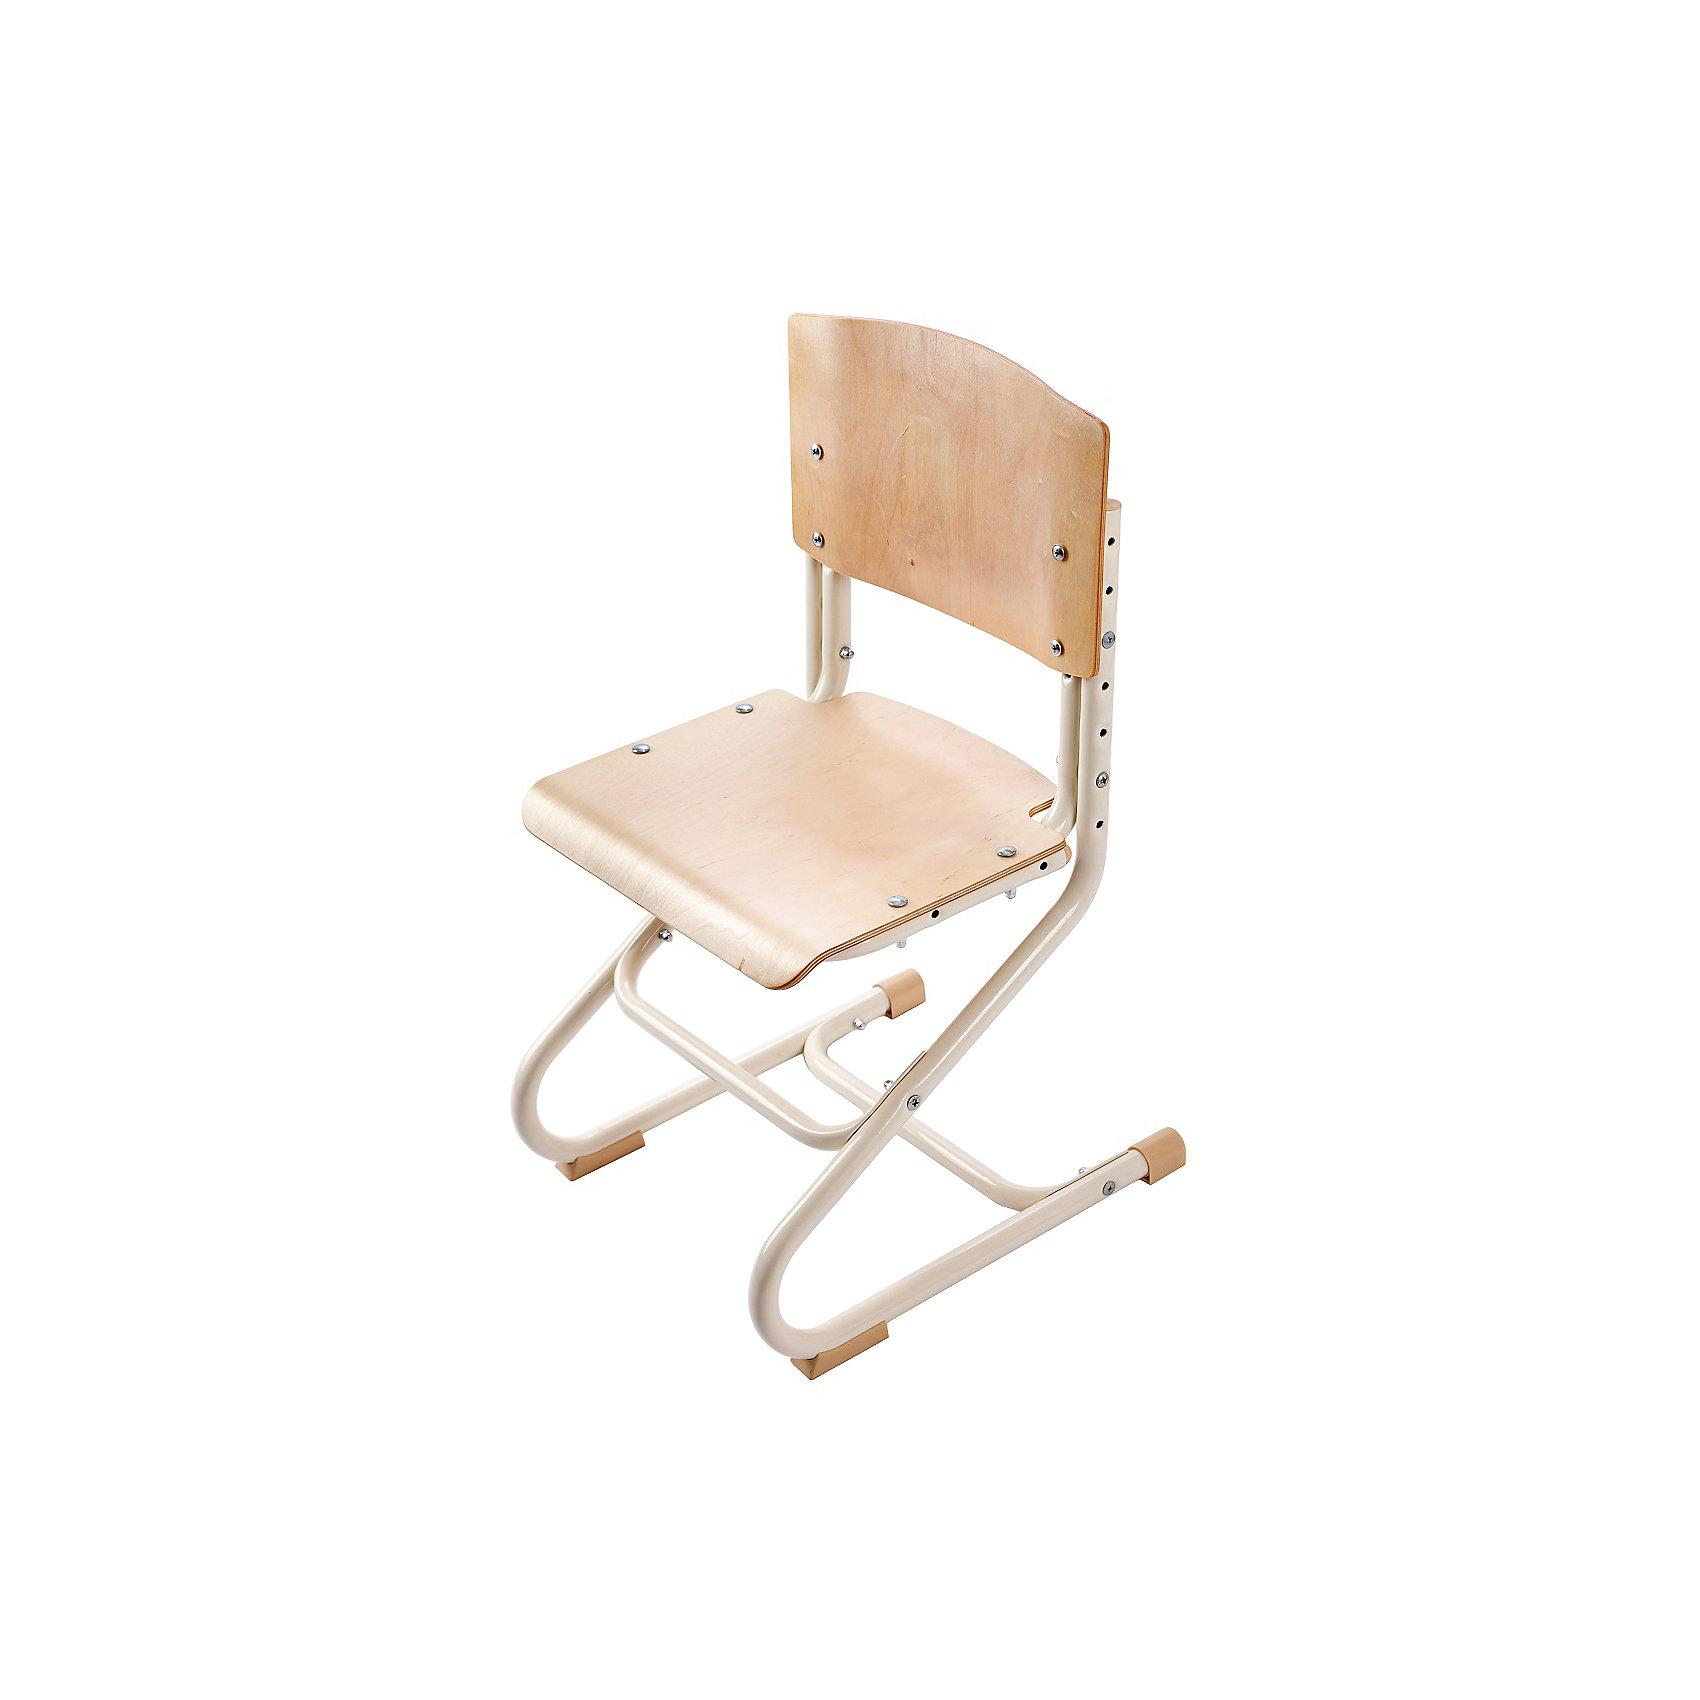 Стул универсальный СУТ.01-01, Дэми, бежевыйСтул универсальный СУТ.01-01, Дэми, бежевый – эргономичный стул для детей от 3 лет.<br>Высота ножек, положение сидения, наклон спинки регулируются, поэтому стул будет «расти» вместе с ребенком. Модель выполнена из прочного металла и фанеры, поэтому служить такой стул будет долгие годы. Регулируемая спинка также дополнительно помогает ребенку в поддержании красивой и здоровой осанки. Стул не теряет внешний вид спустя время и не требует особо ухода. <br><br>Дополнительная информация: <br><br>Высота сидения стула - 34,5-44,5 см<br>Глубина сидения стула - 31-34,5 см<br>Ширина сидения стула - 40 см <br>Вес: 7 кг<br>Материал: фанера, металл<br>Цвет: бежевый<br><br>Стул универсальный СУТ.01-01, Дэми, бежевый можно купить в нашем интернет магазине.<br><br>Ширина мм: 730<br>Глубина мм: 610<br>Высота мм: 80<br>Вес г: 8000<br>Возраст от месяцев: 48<br>Возраст до месяцев: 1188<br>Пол: Унисекс<br>Возраст: Детский<br>SKU: 4919210